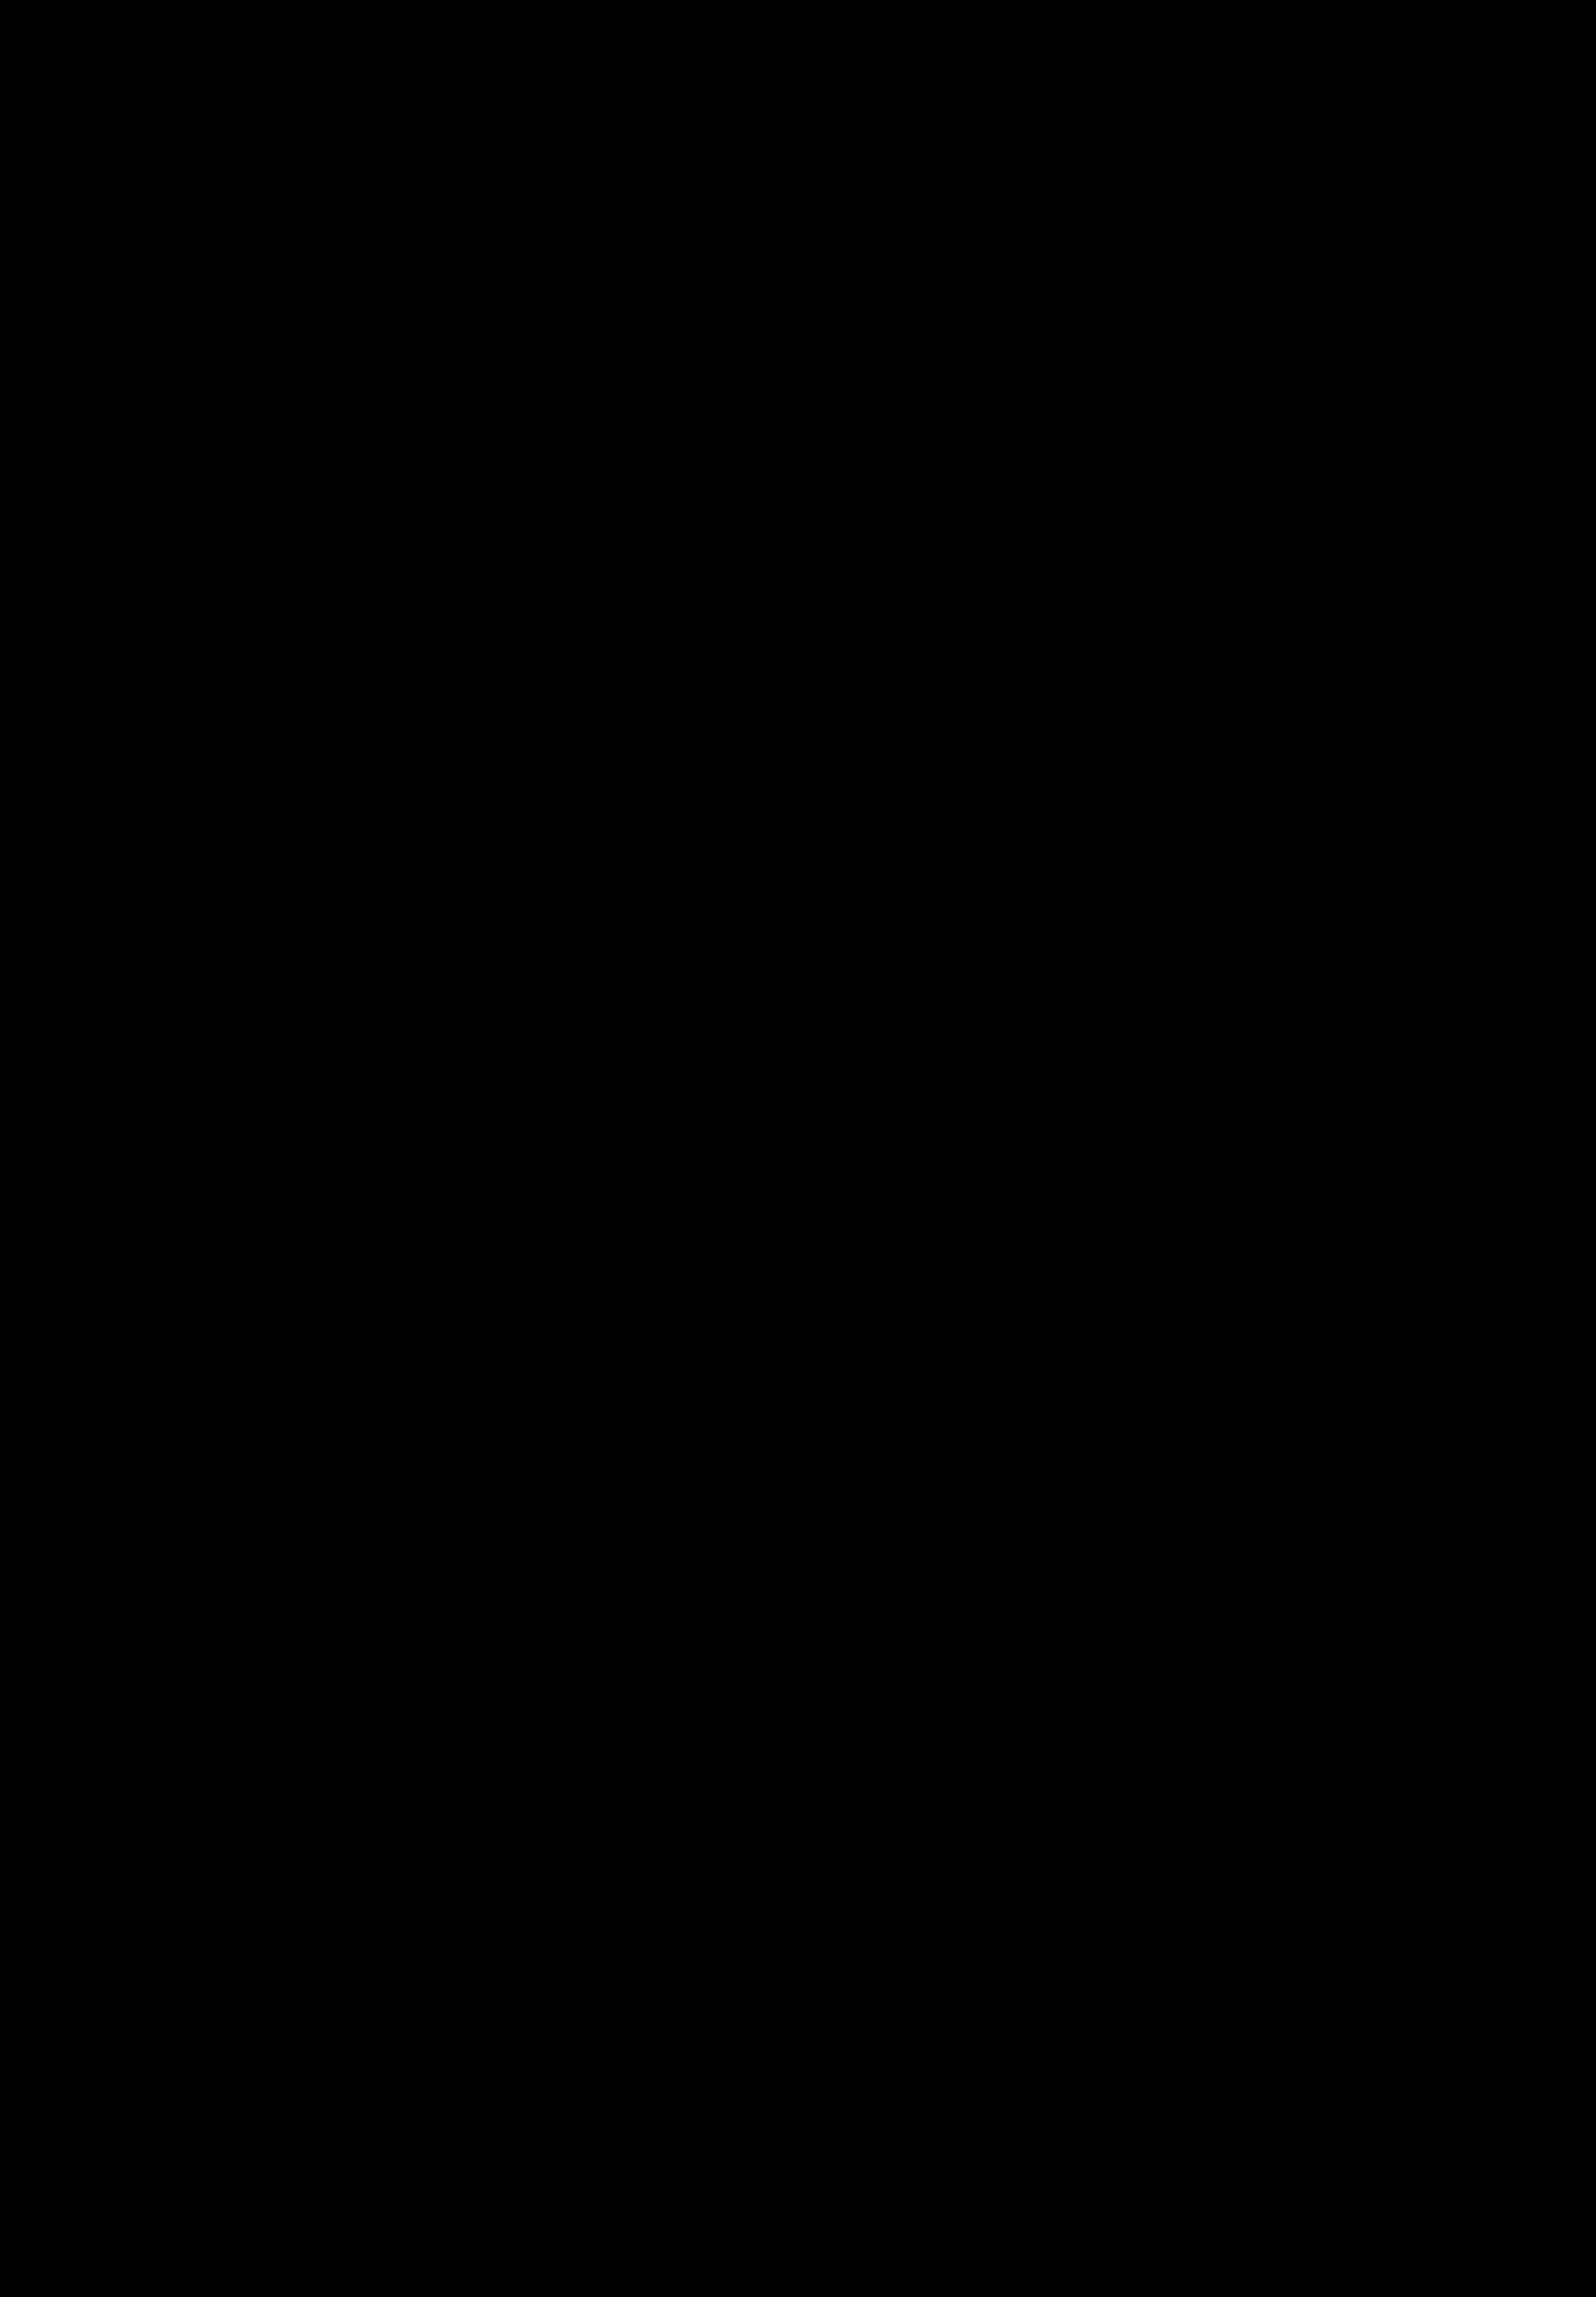 Gamochaeta americana (Mill.) Wedd.